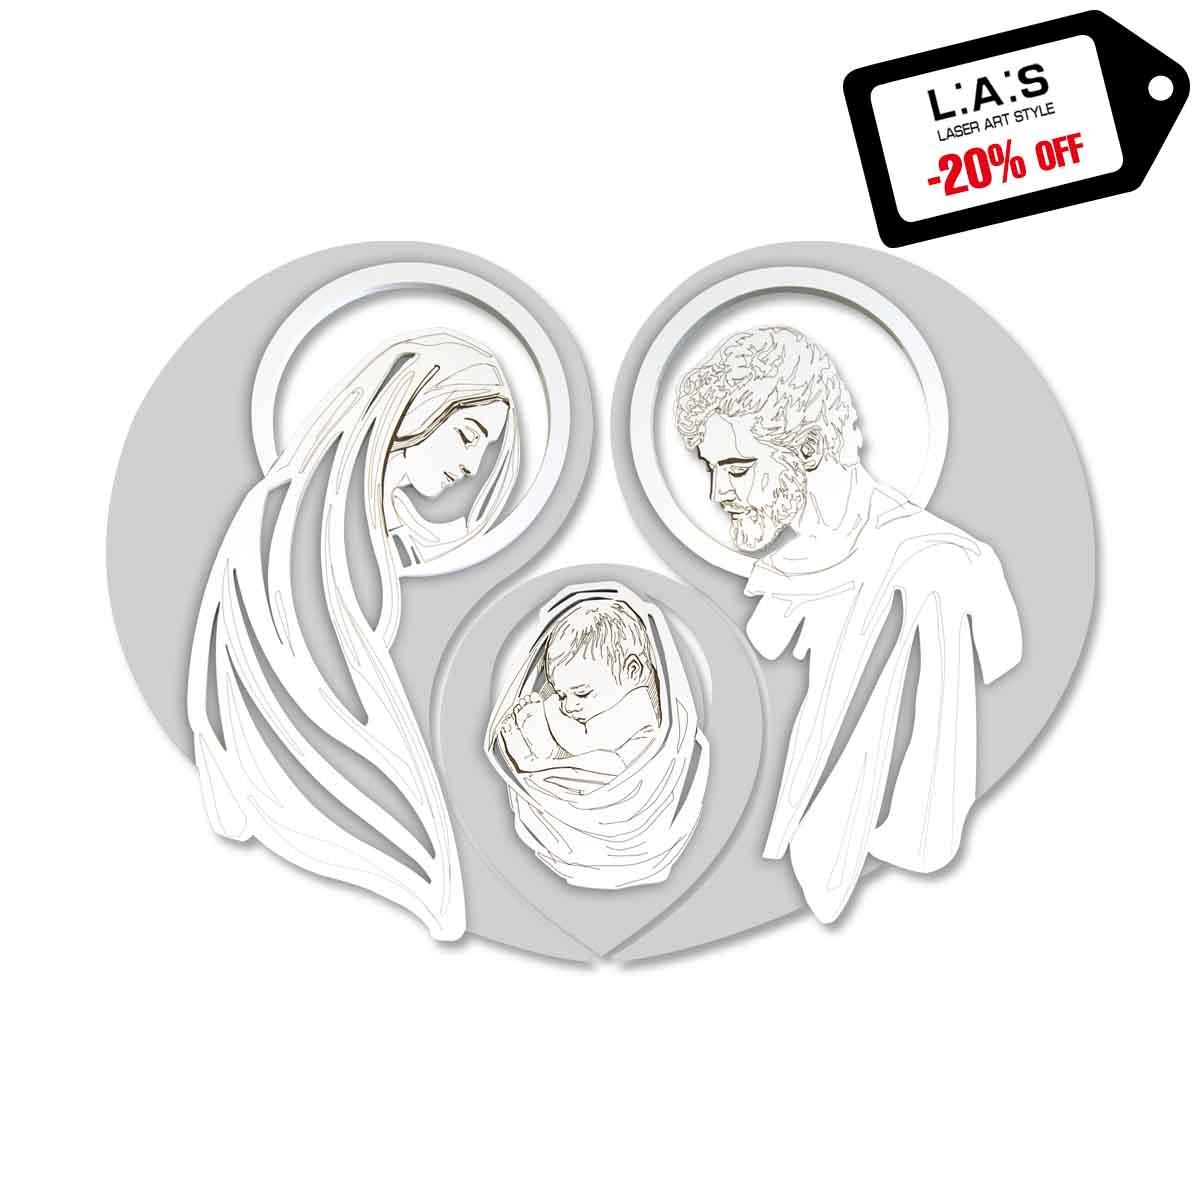 L:A:S - Laser Art Style - CAPEZZALE MODERNO – SACRA FAMIGLIA – SI-266-SF GRIGIO LUCE – BIANCO